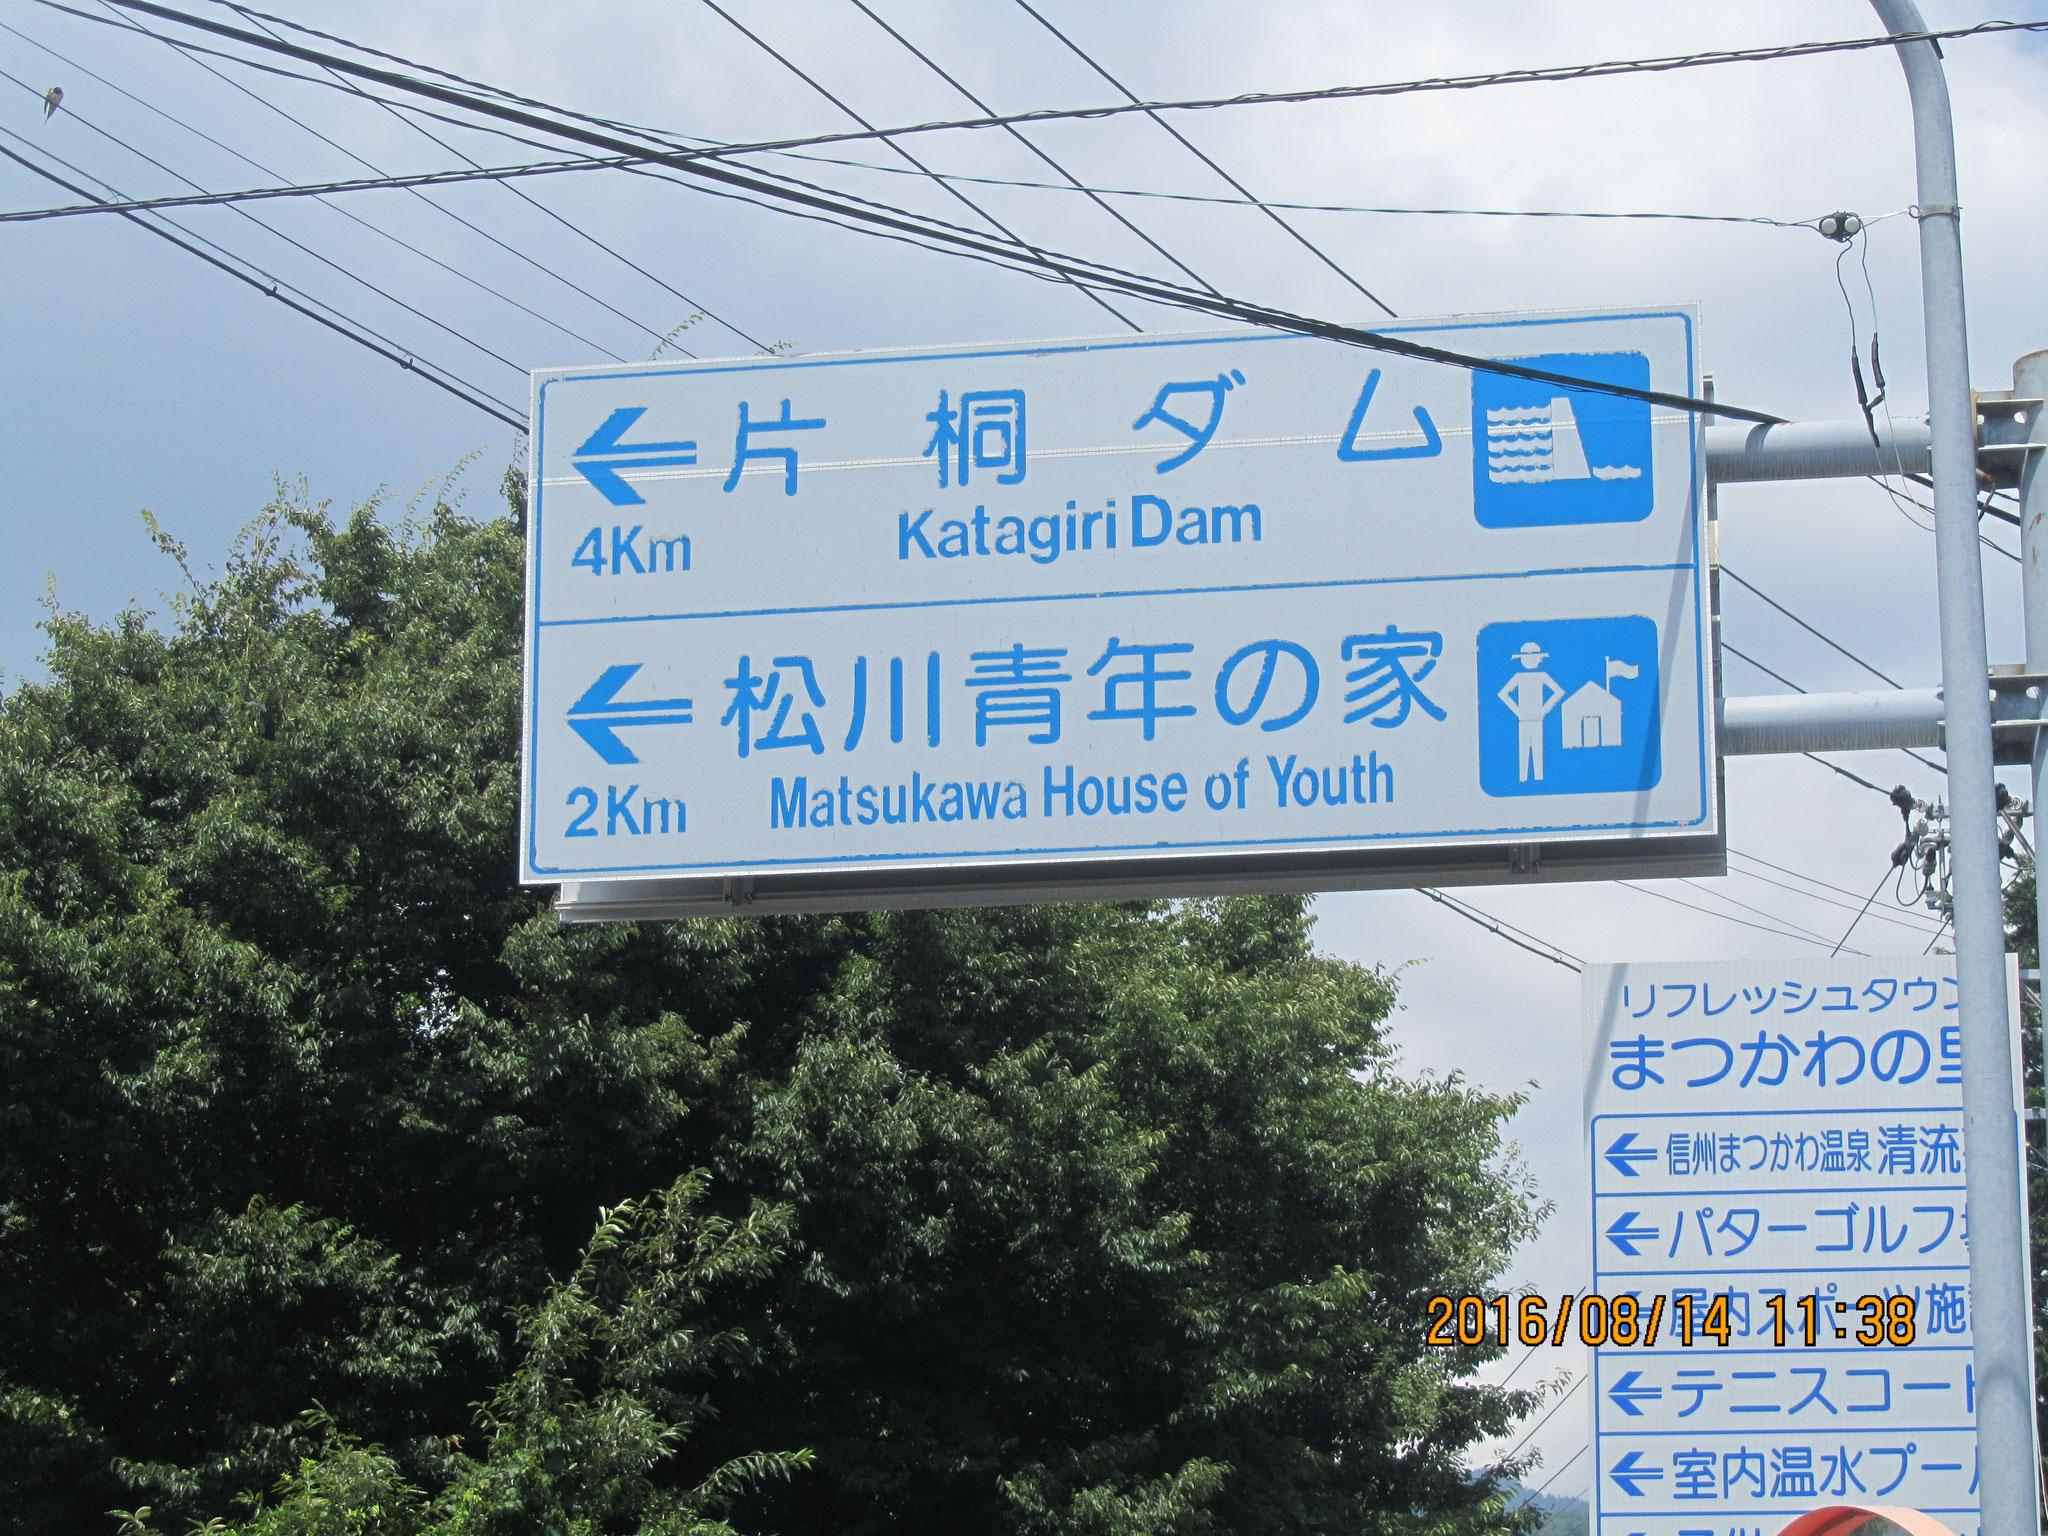 ダムにも「片桐」の名が付いています。